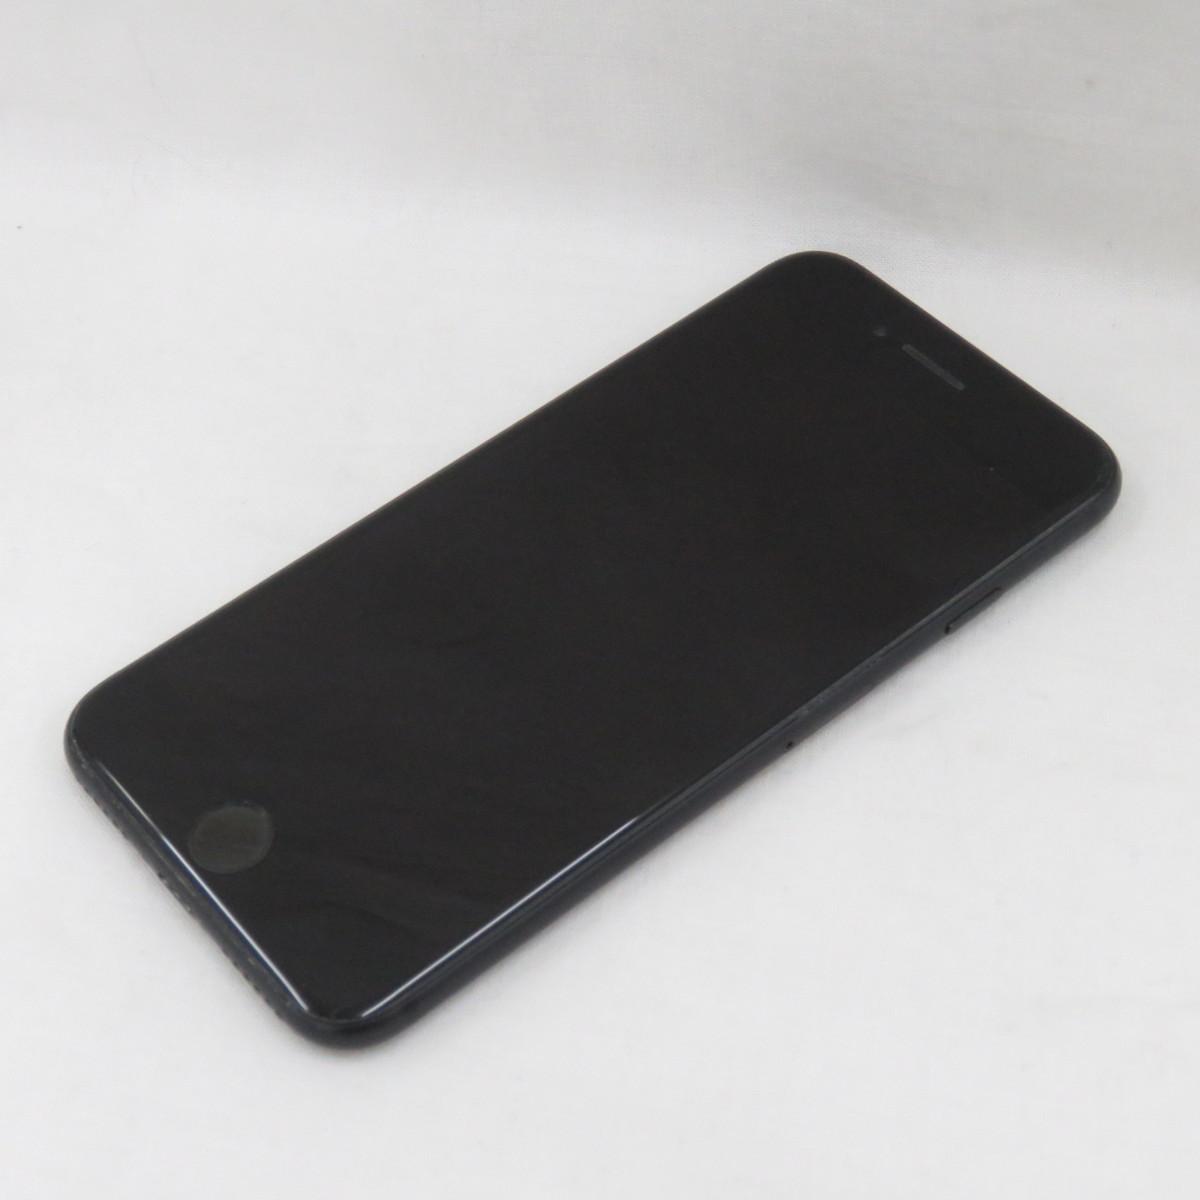 1円~【中古品】docomo ドコモ スマートフォン Apple iPhone 7 32GB MNCE2J/A ブラック 判定○ ※SIMロック解除済 915115581